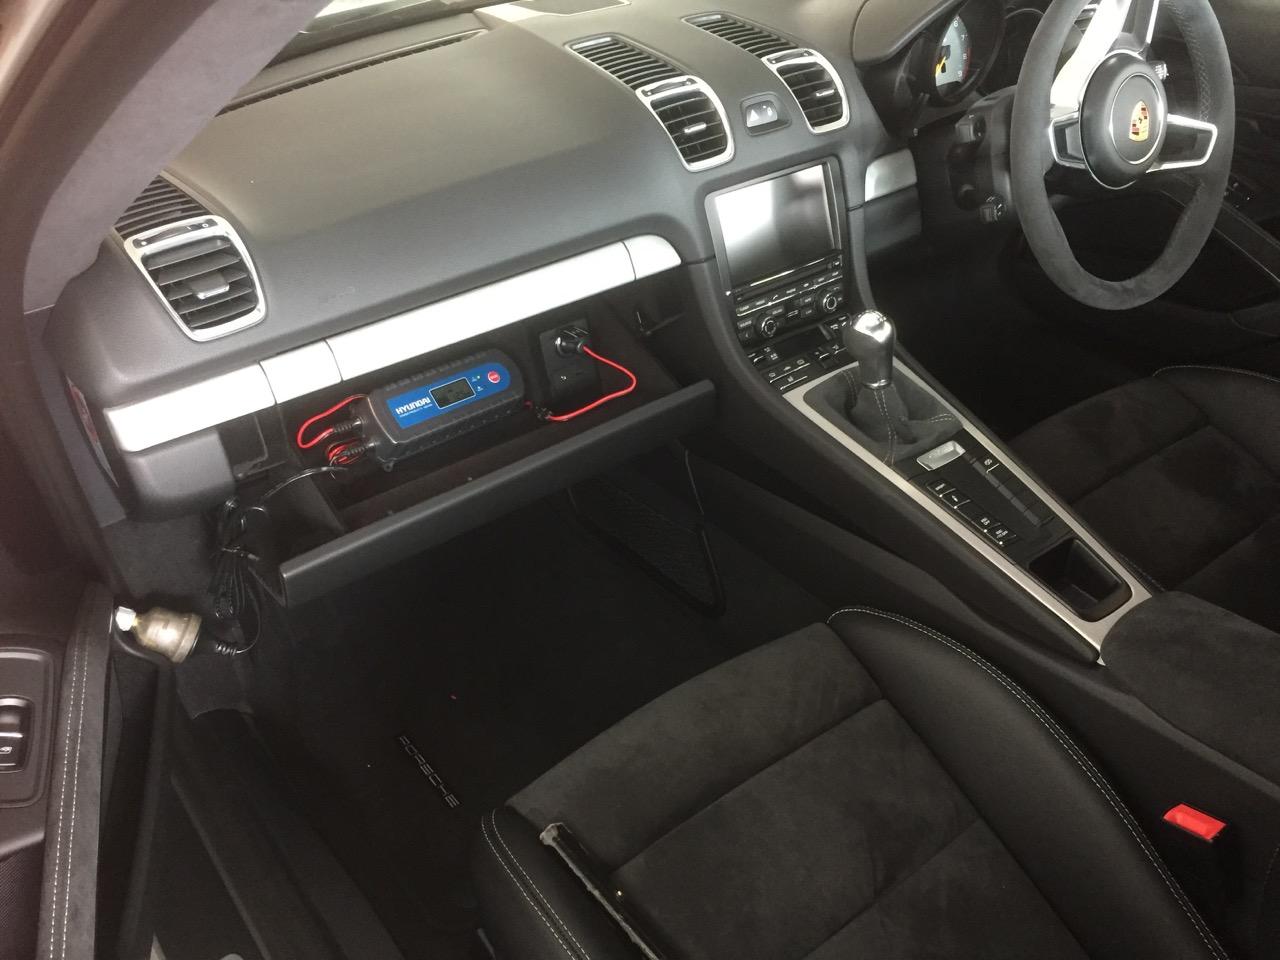 6-12V 4 AMP with socket